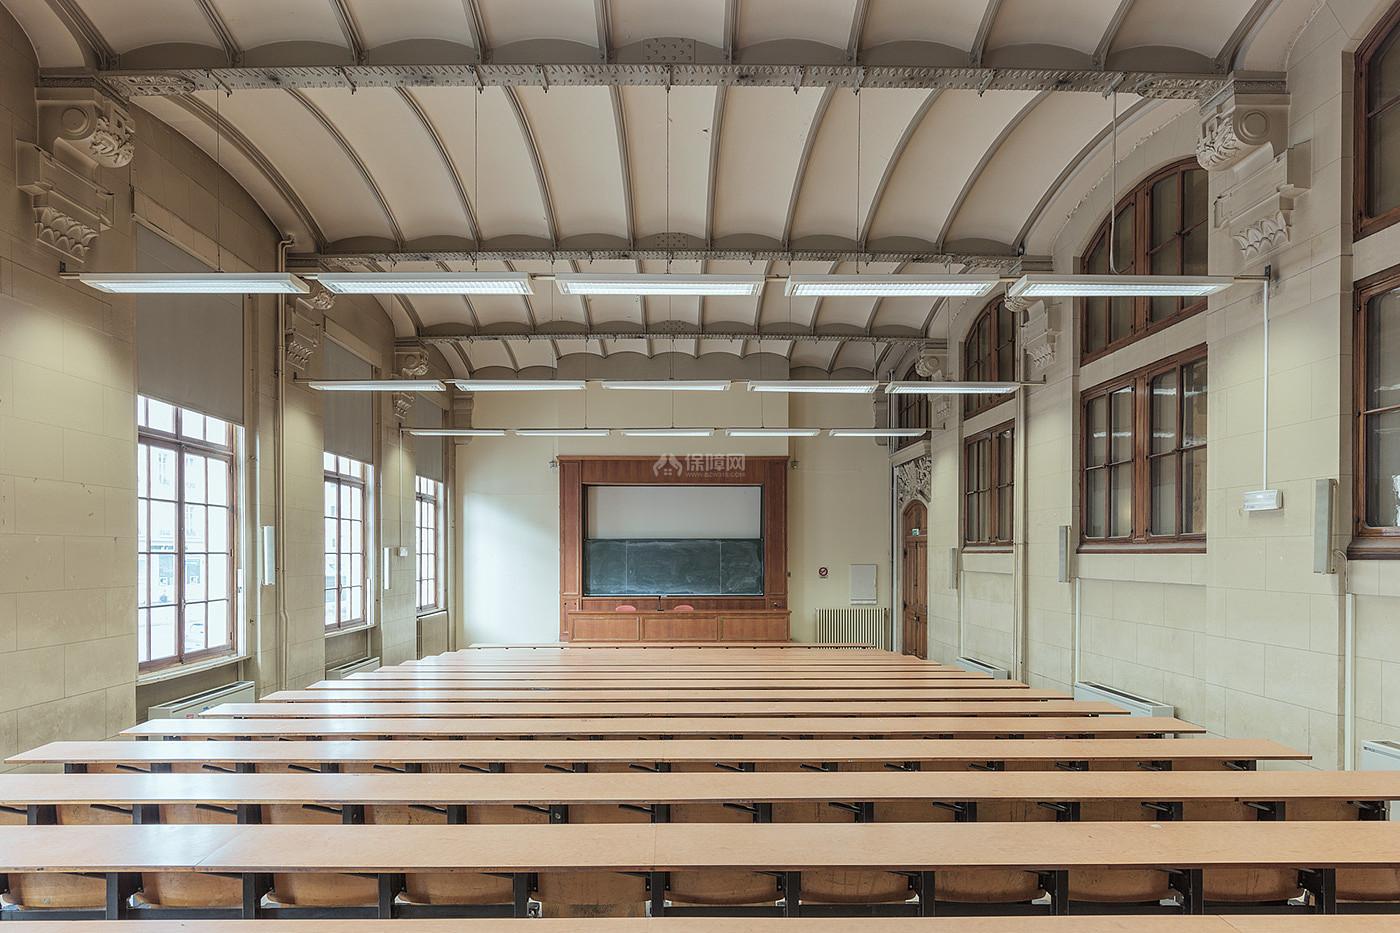 阶梯教室文化场馆之创意灯饰效果图